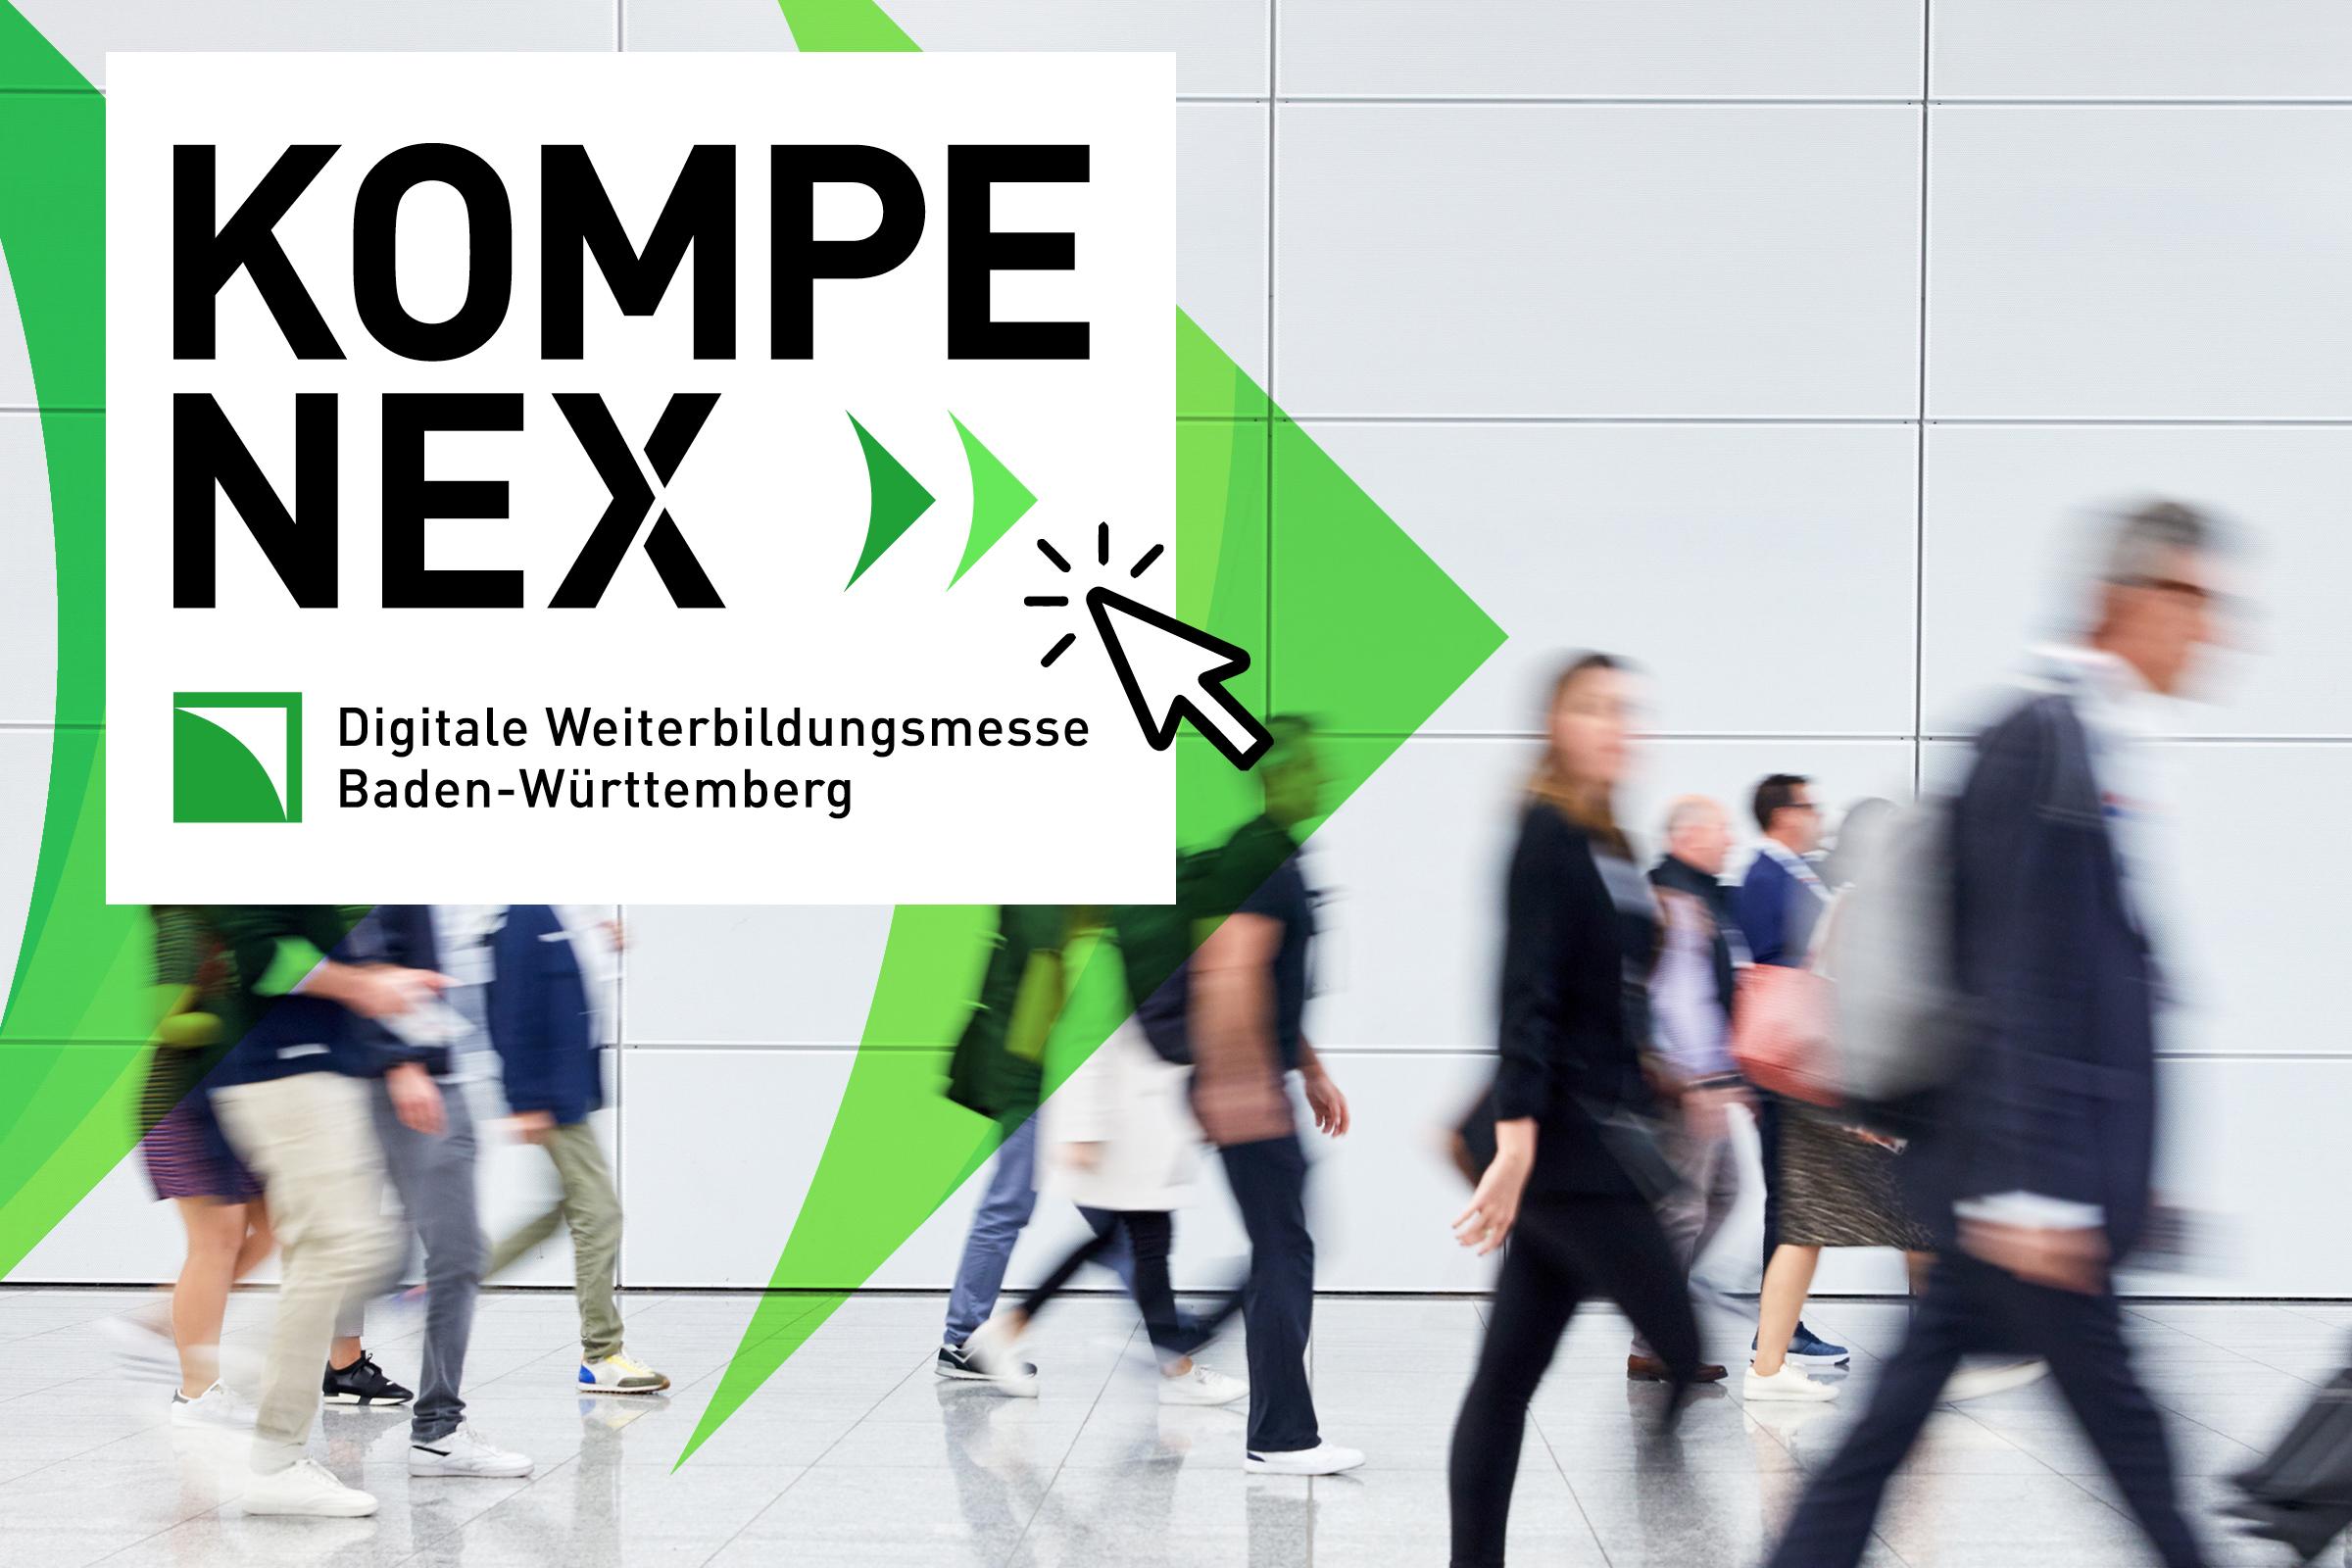 Kompenex_Visuals